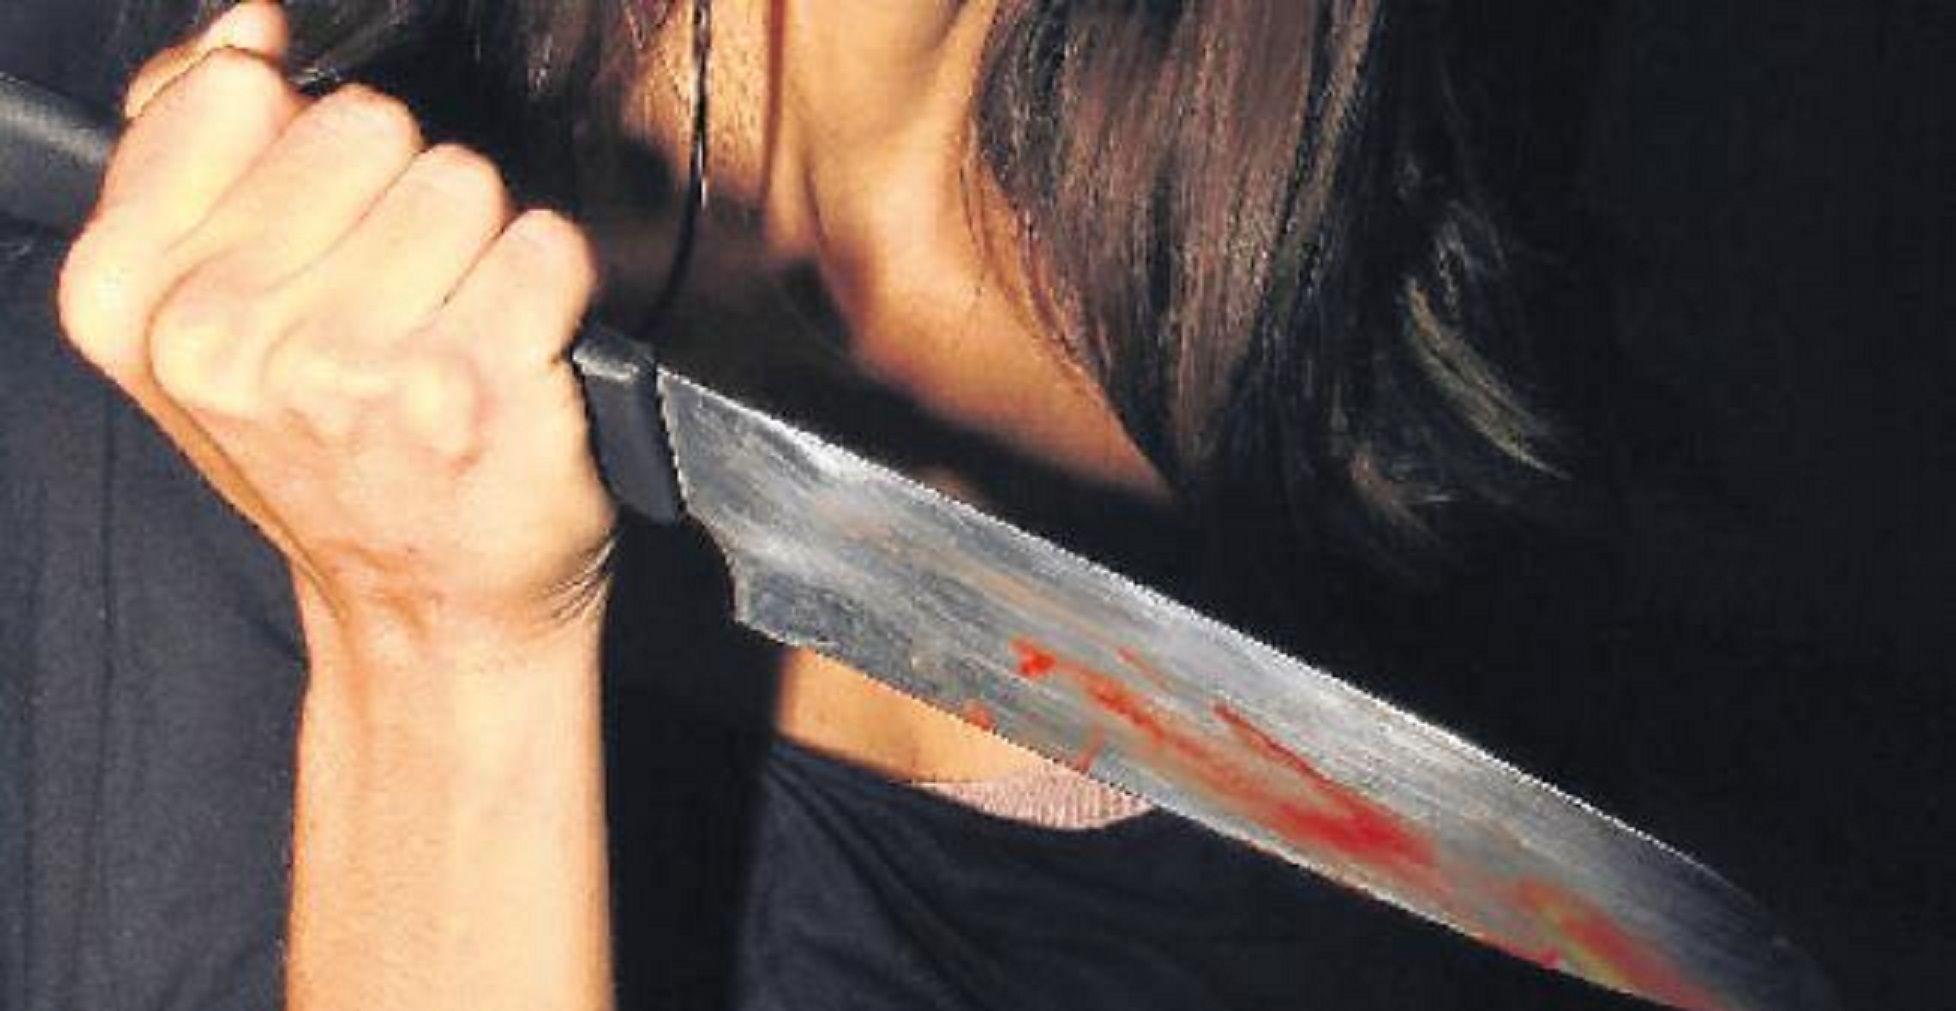 Una mujer discutió con un empleado de limpieza y lo mató a puñaladas